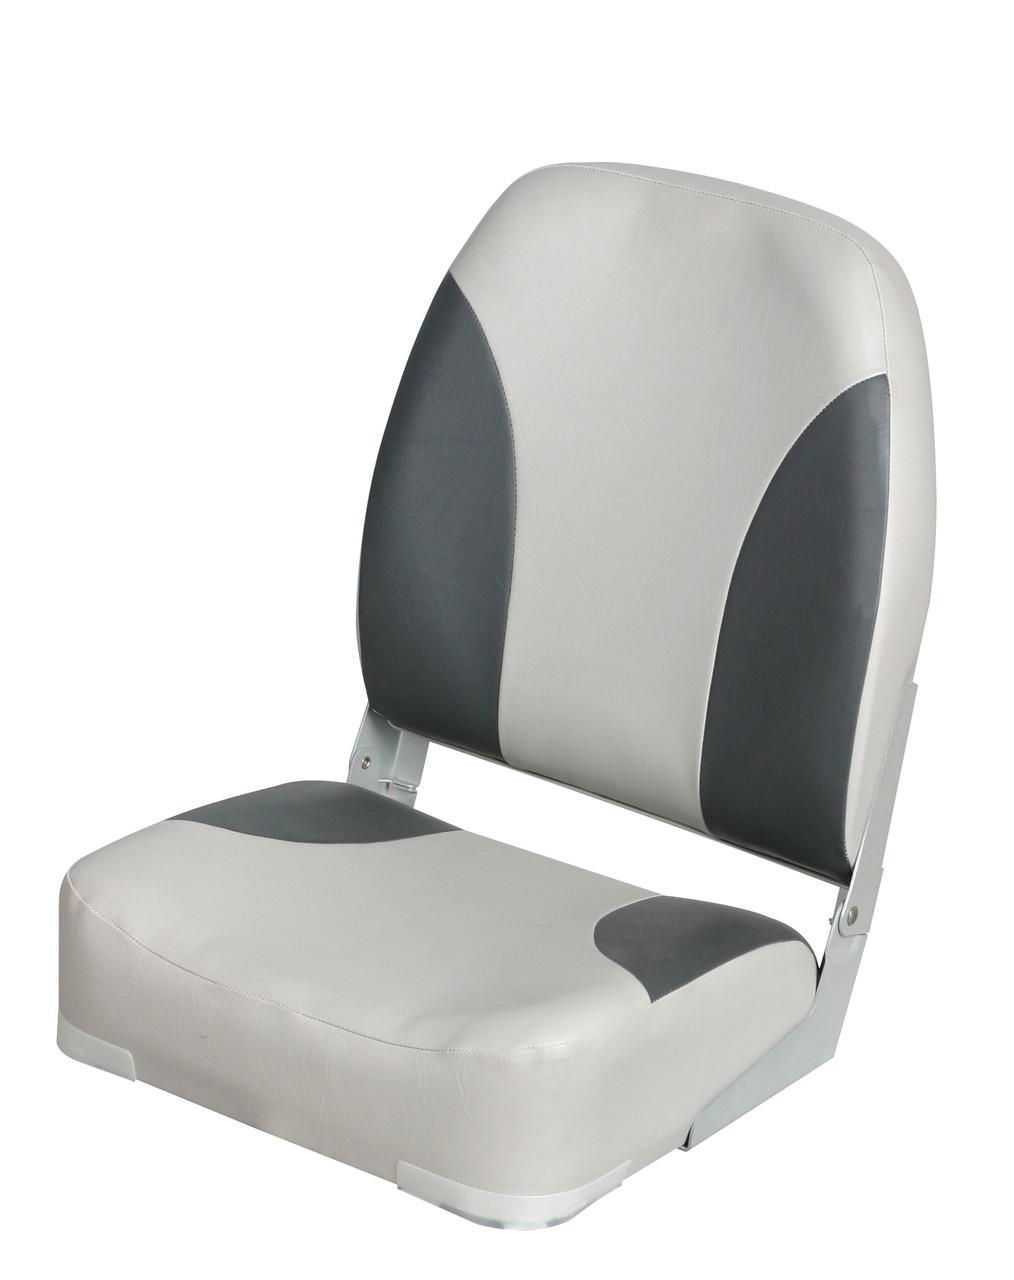 Сиденье складное для лодки и катера серо-чёрное Deluxe Highback 86201G/C